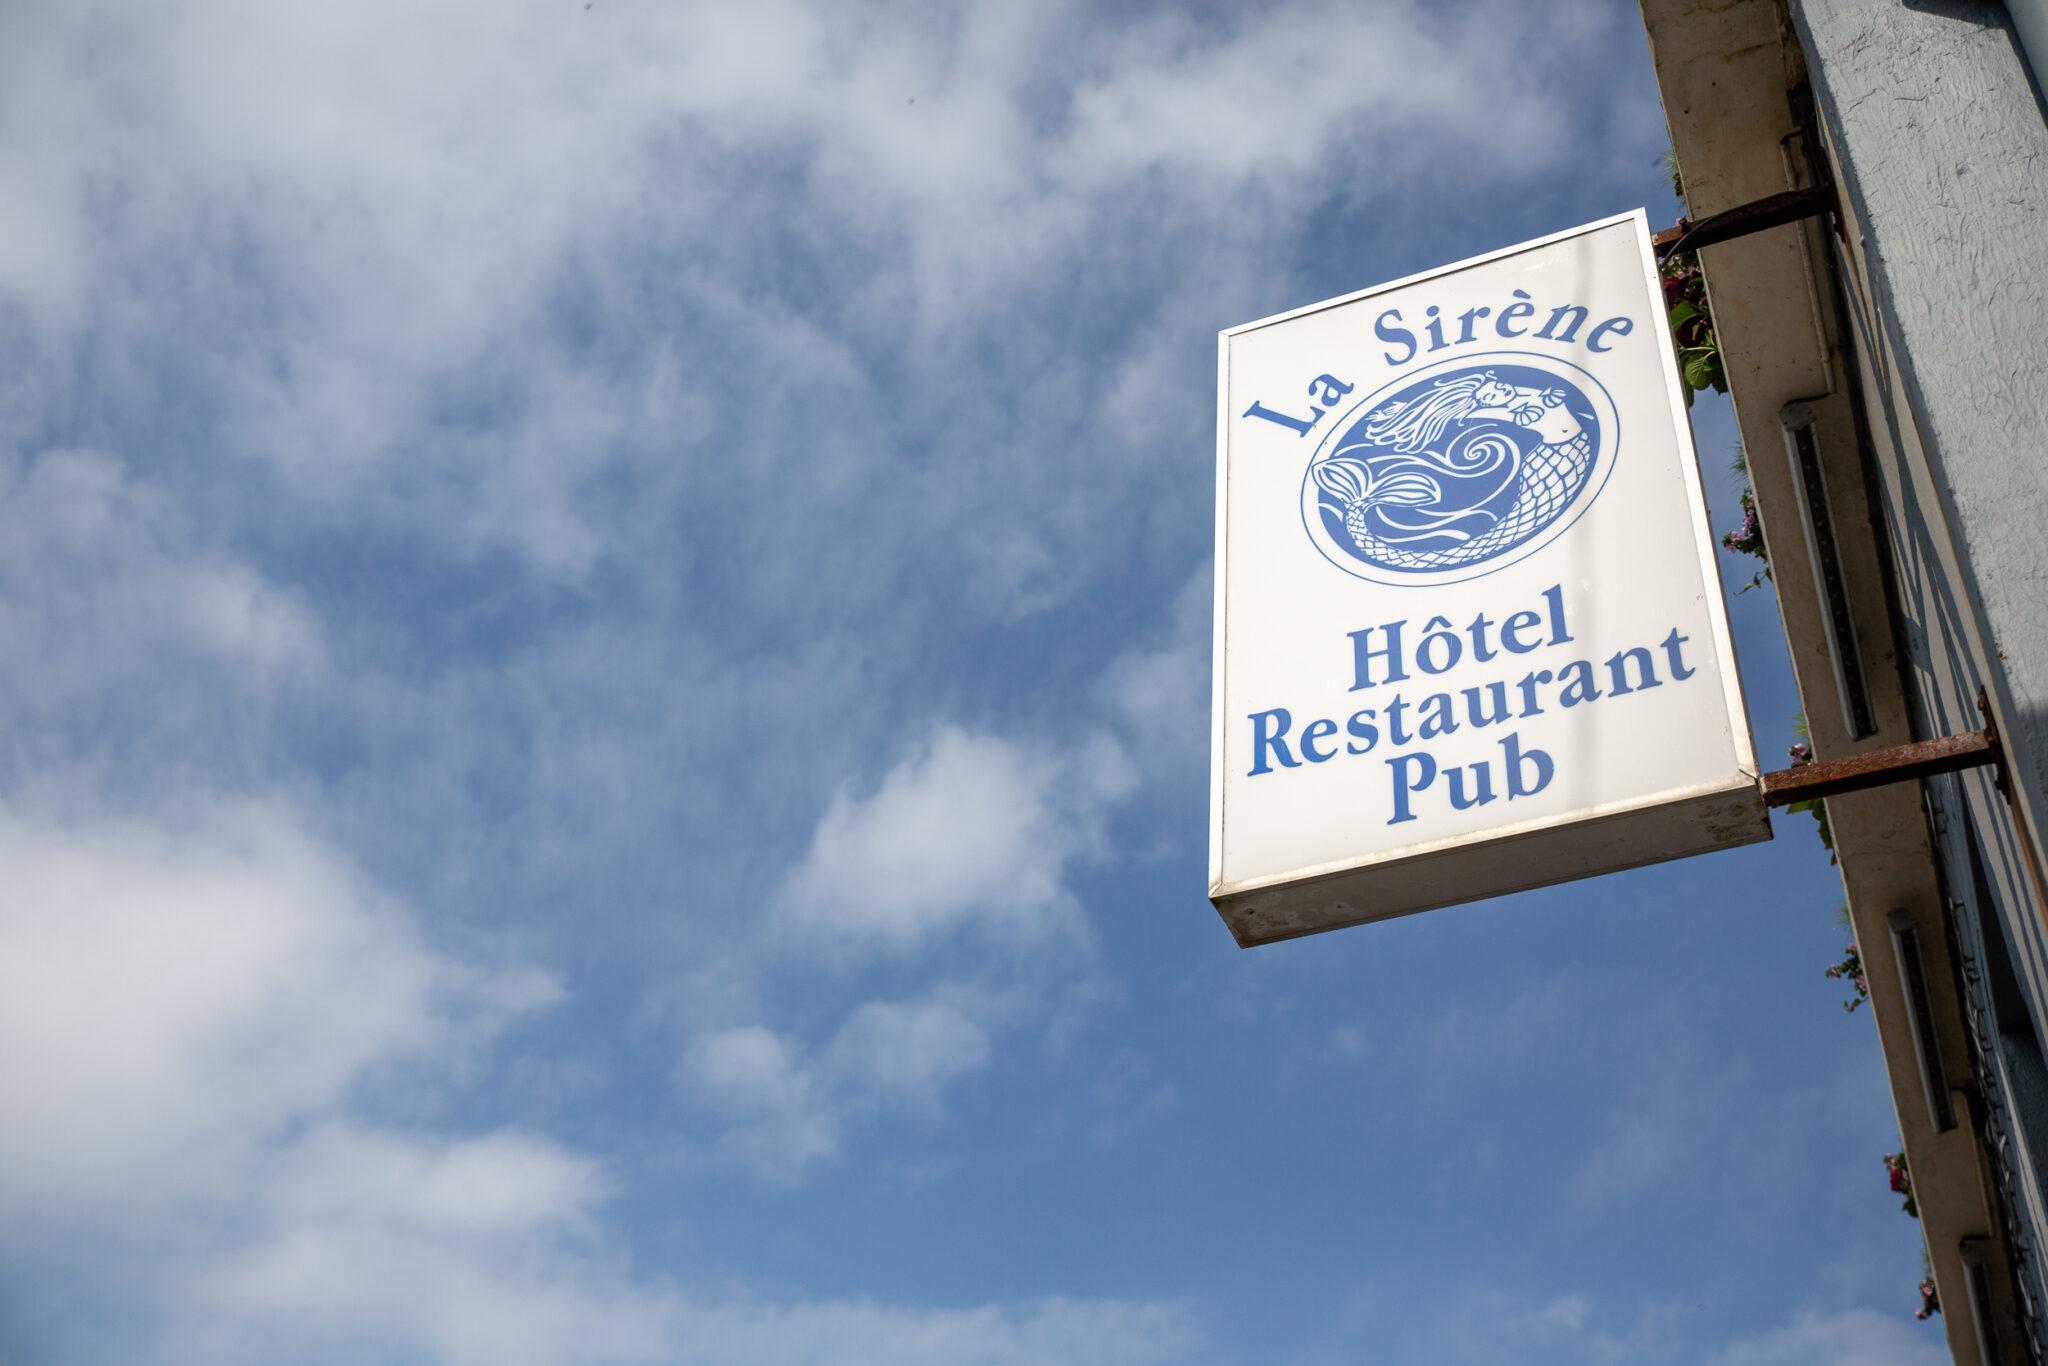 Enseigne Hôtel Restaurant Pub La Sirène